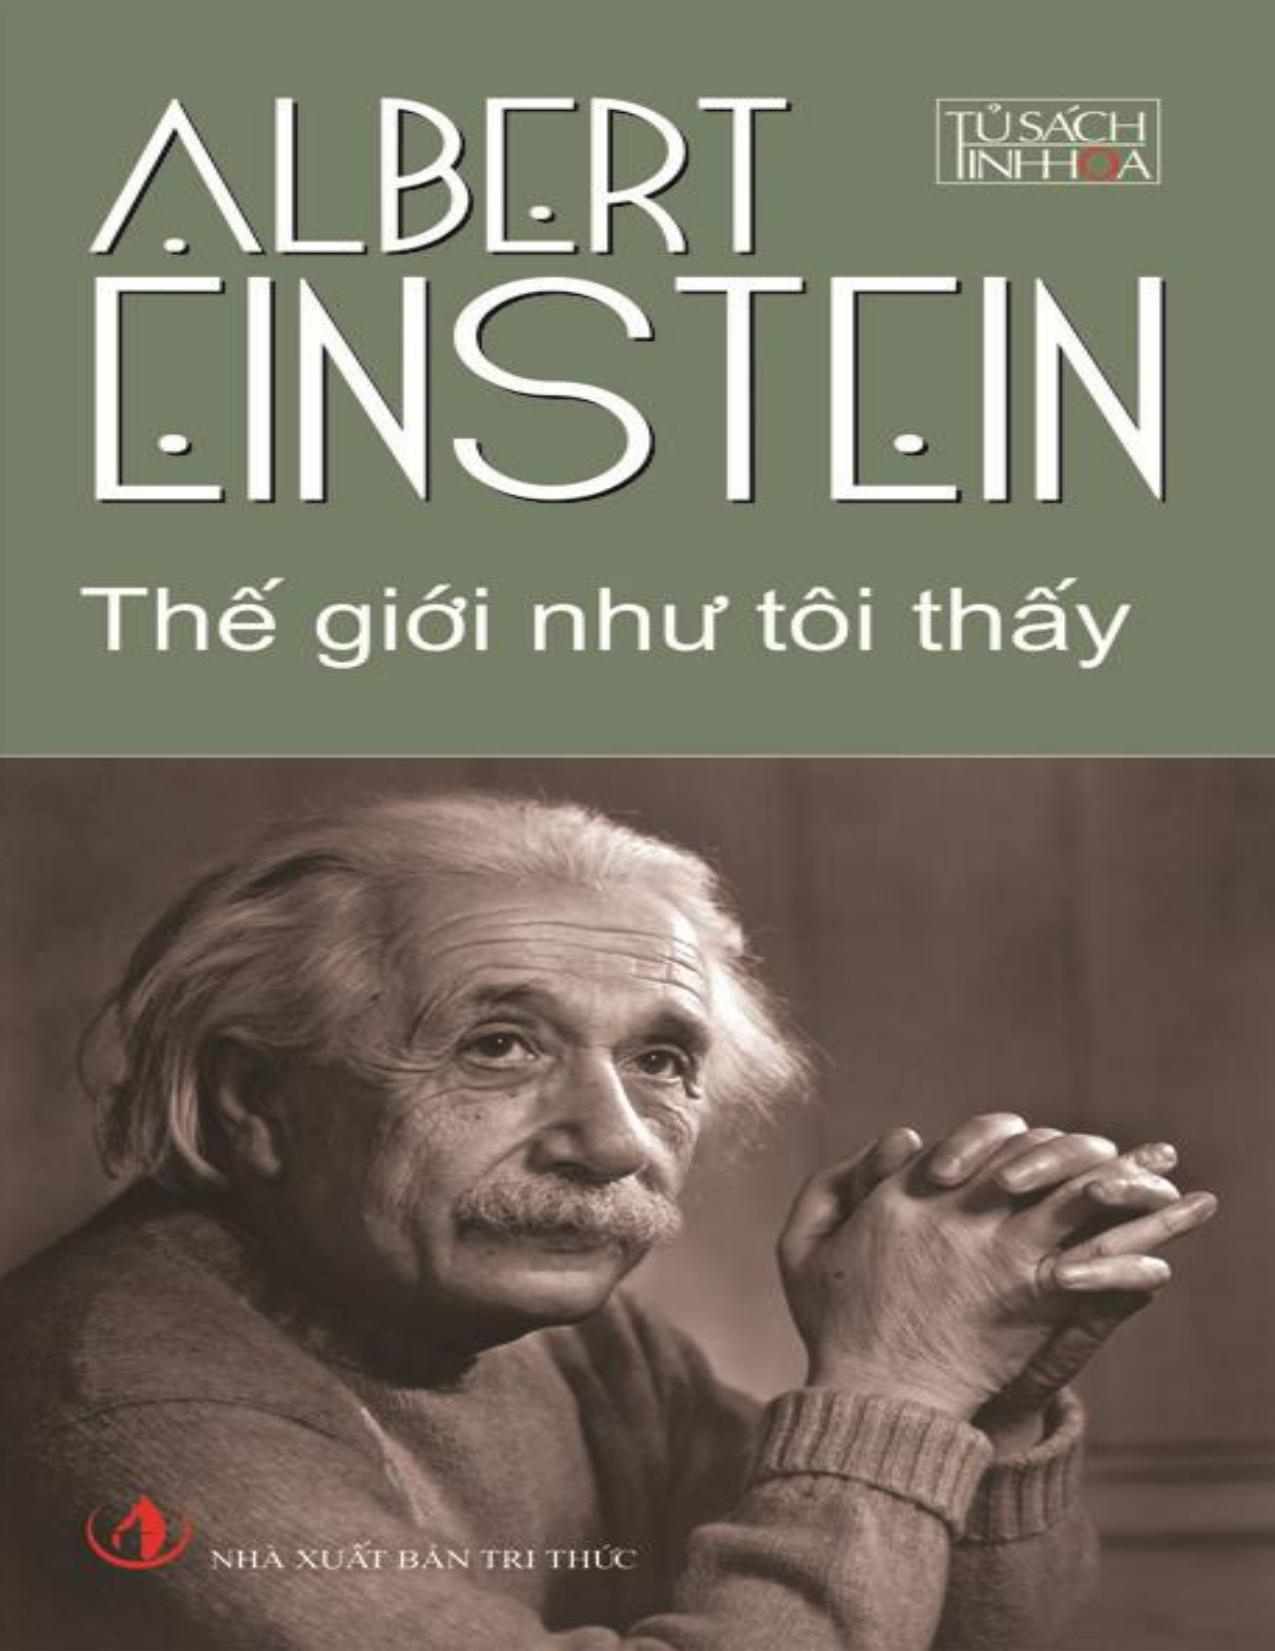 The-gioi-nhu-toi-thay-Albert-Einstein